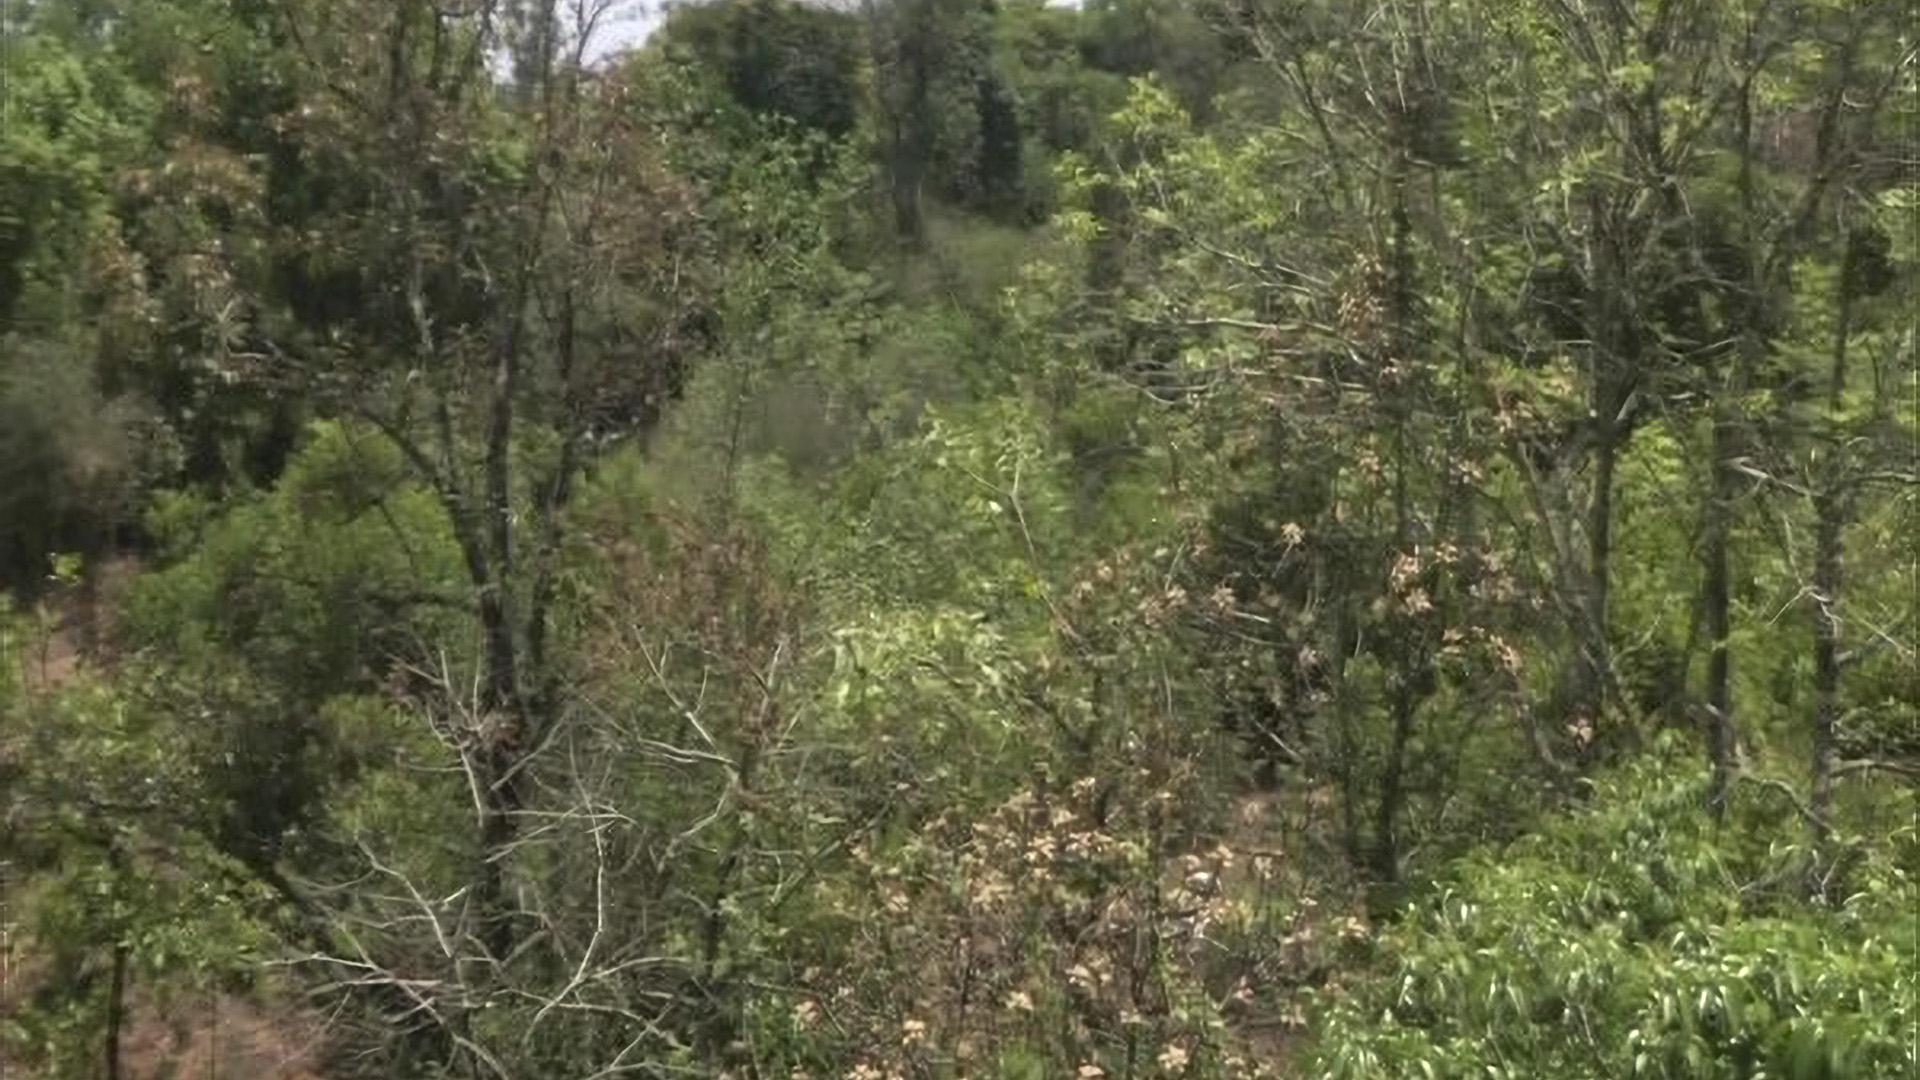 Indian Entrepreneur Converts 21-Acre Barren Land Into Forest